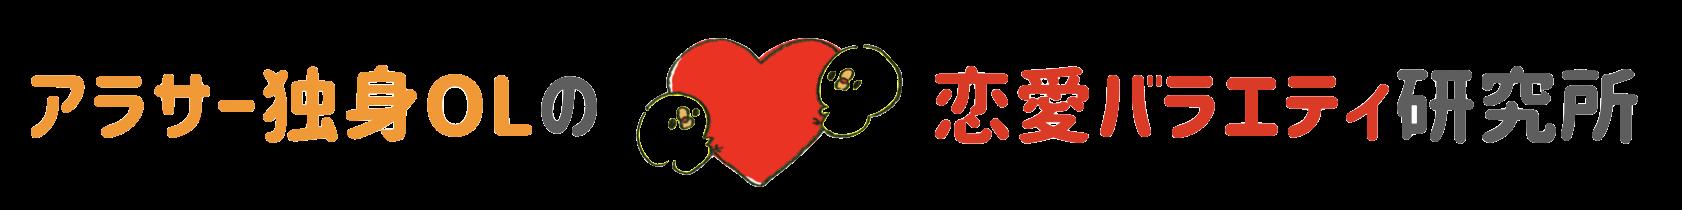 アラサー独身OLの恋愛バラエティ研究所